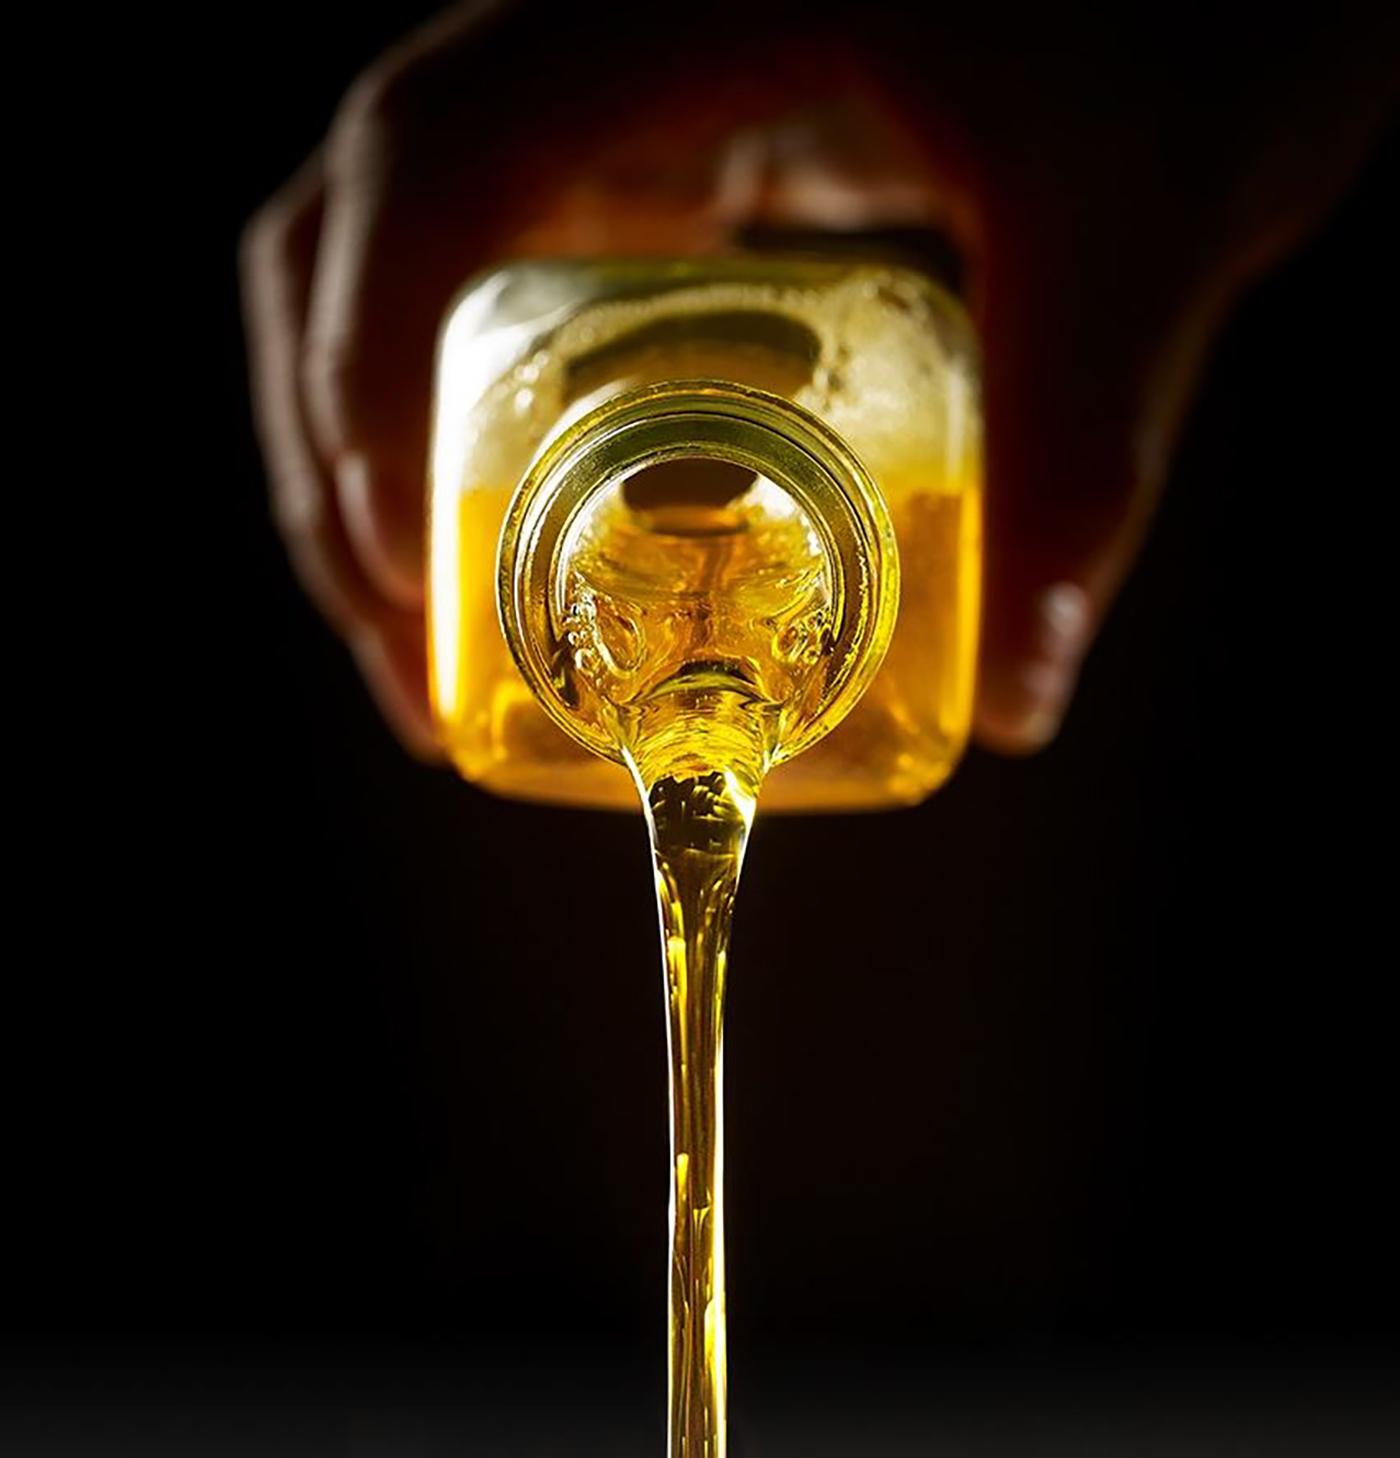 국내산 100% 생들기름/들깨 그대로 넣어 고소하고 진한 국산 생들기름(100ml/200ml/300ml) 상세이미지4